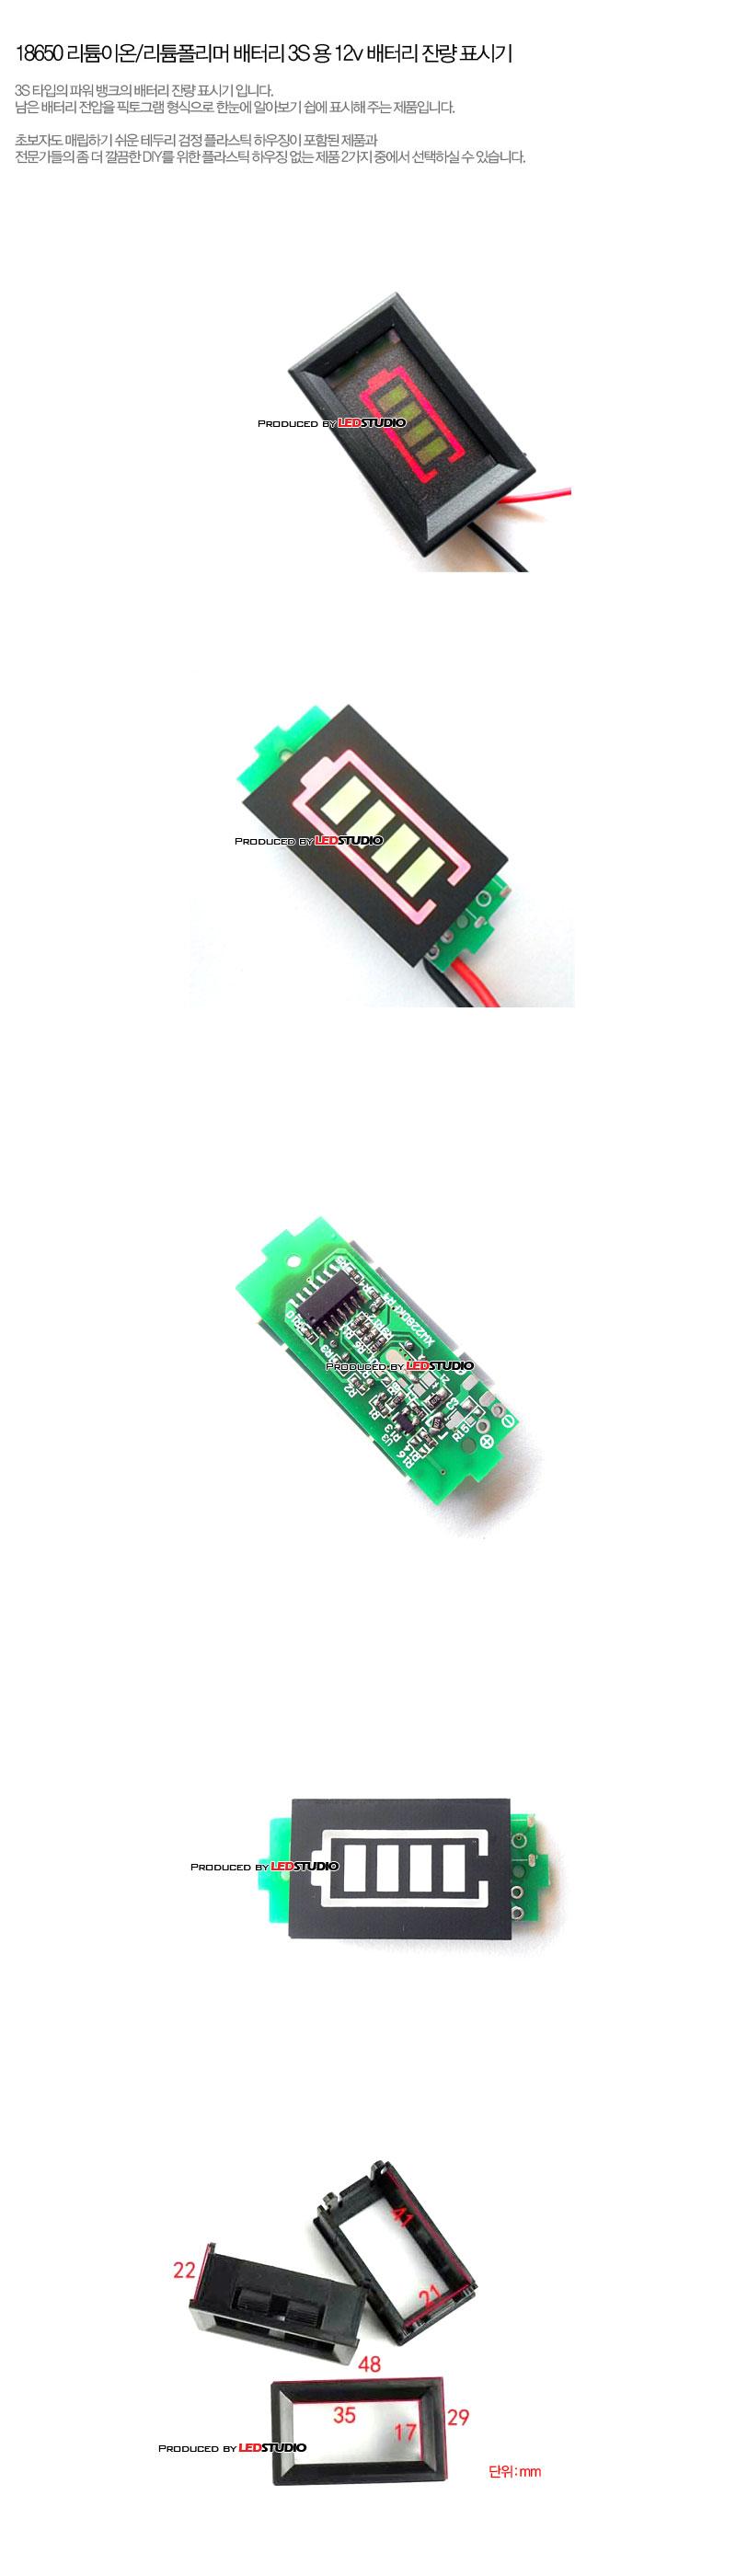 18650 리튬이온/리튬폴리머 배터리 3S 용 12v 배터리 잔량 표시기